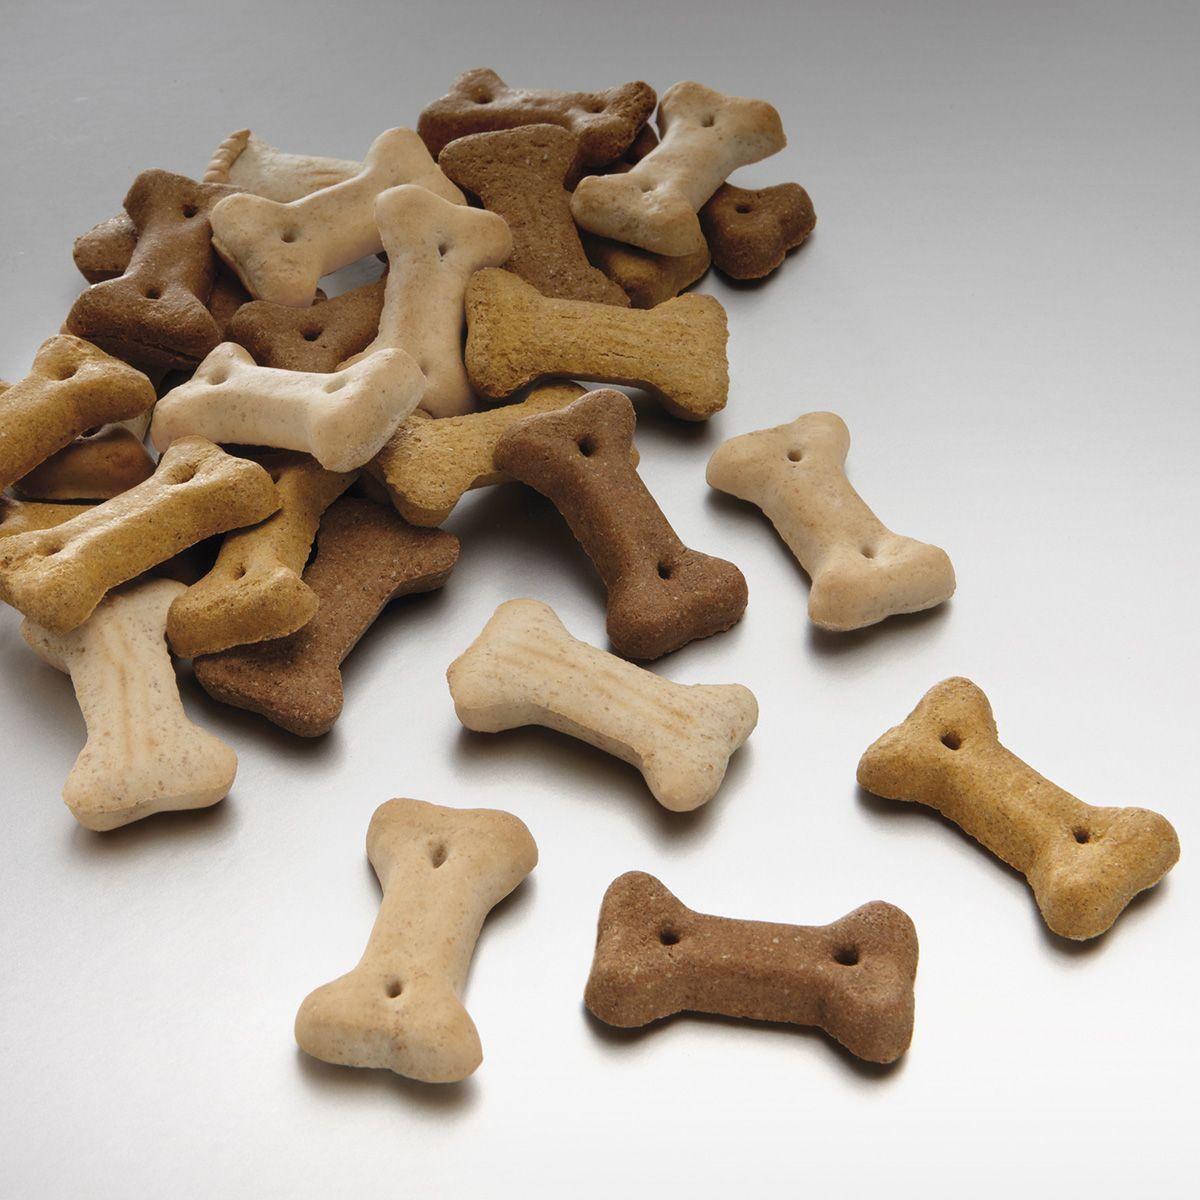 Лакомство для собак Meradog Miniknochen Mix, хрустящие косточки, 10 кг41610Печенье (лакомства) для собак. Как вознаграждение, а также дополнение к основному рациону собак